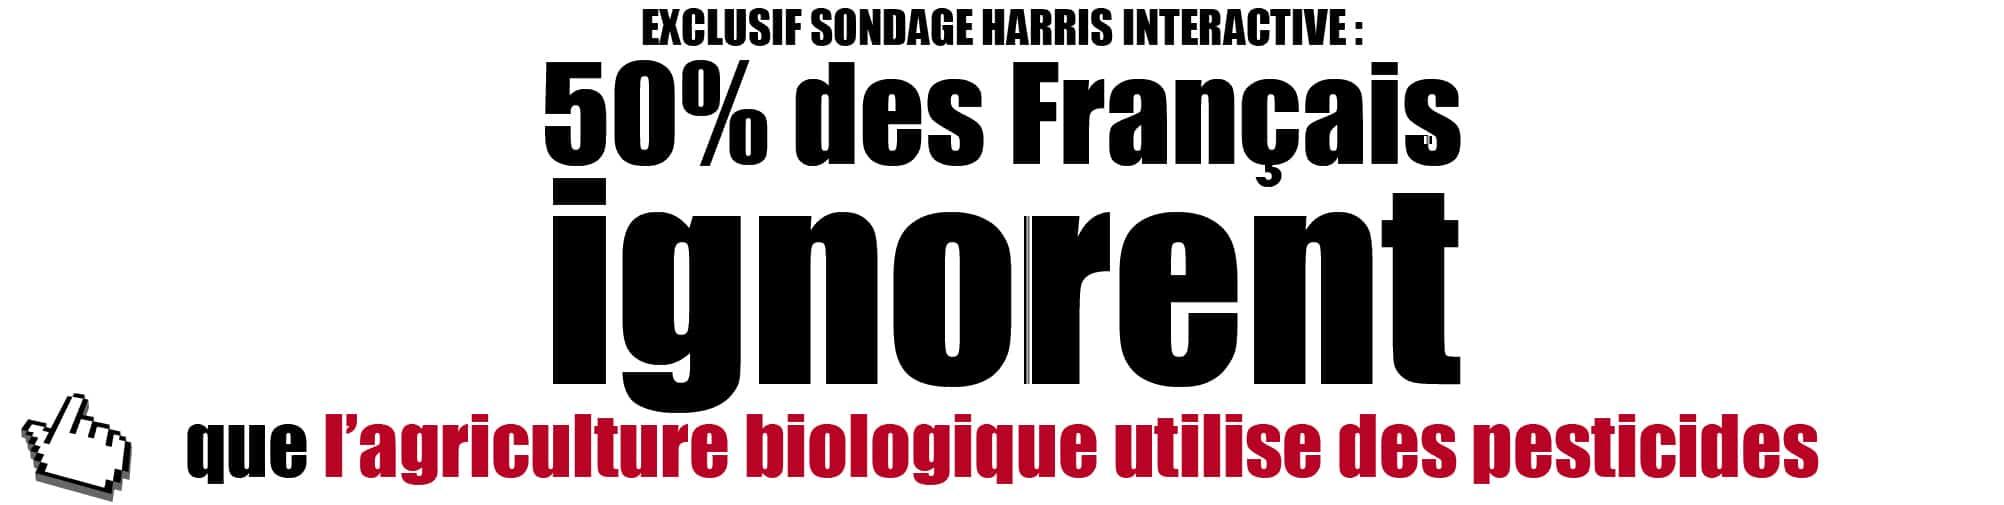 Un Français sur deux ignore que l'agriculture biologique utilise des pesticides